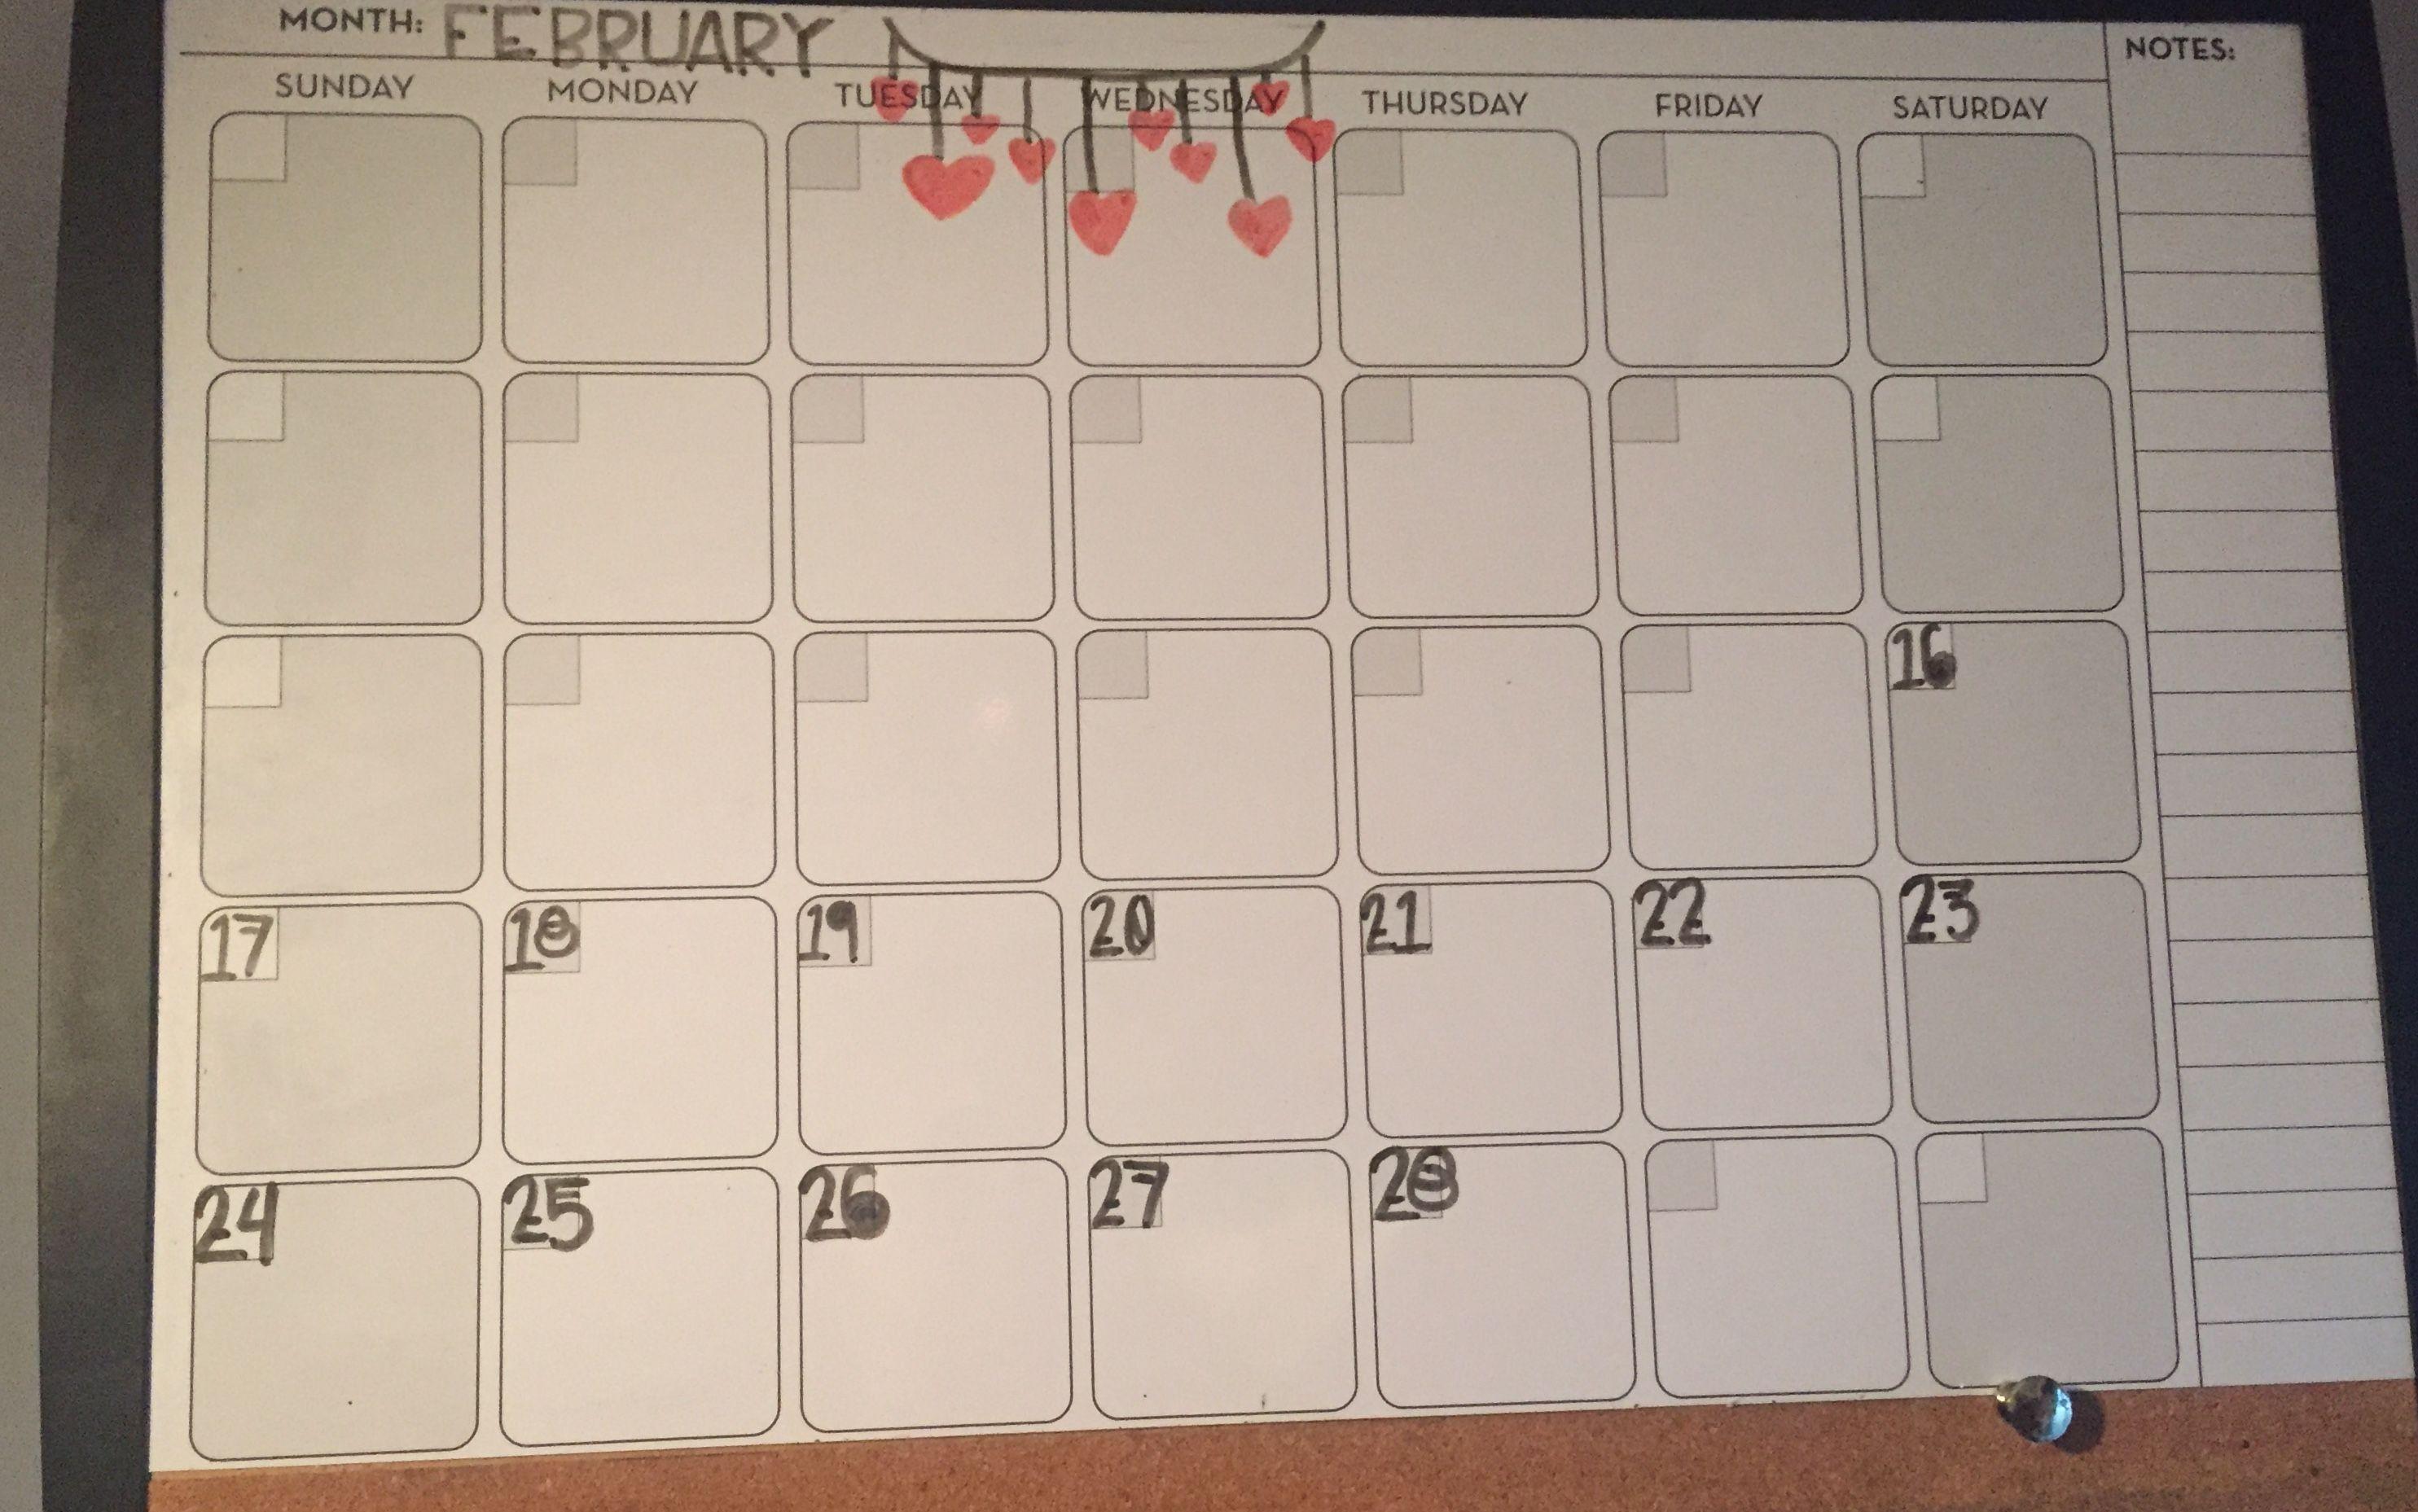 February Whiteboard Calendar Whiteboard Februarycalendar